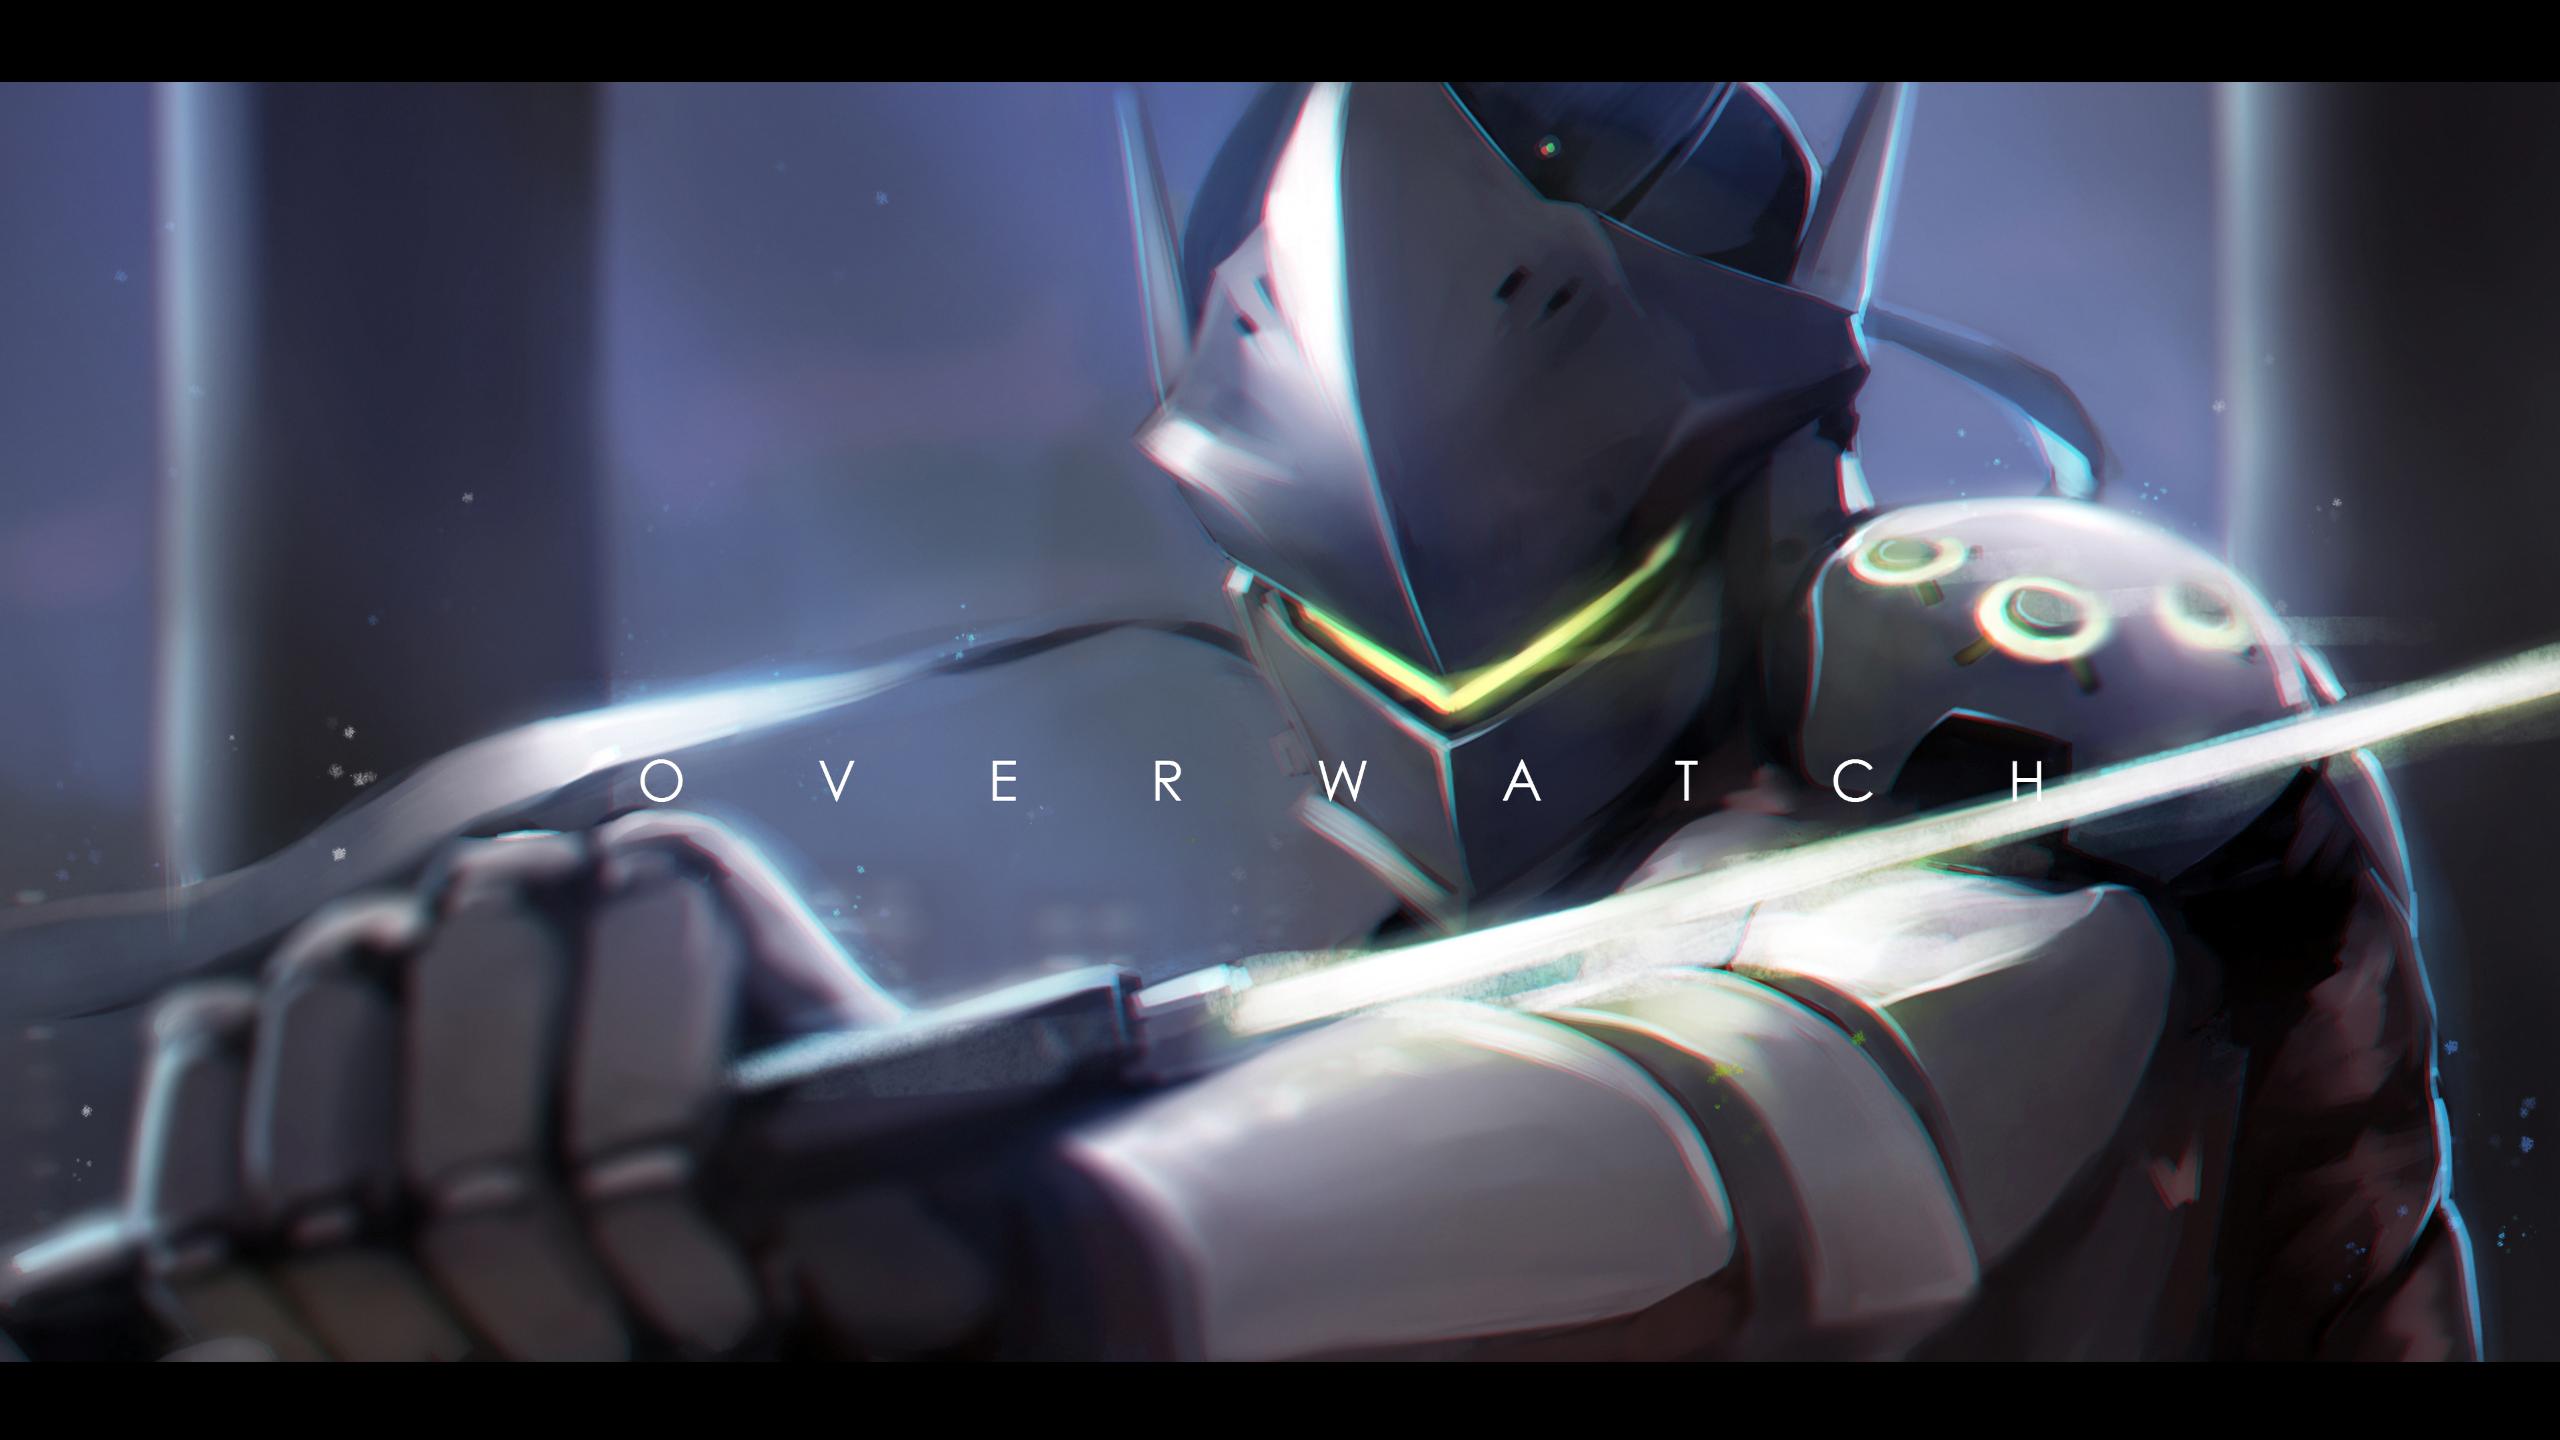 Wallpaper Video Games Overwatch Machine Darkness